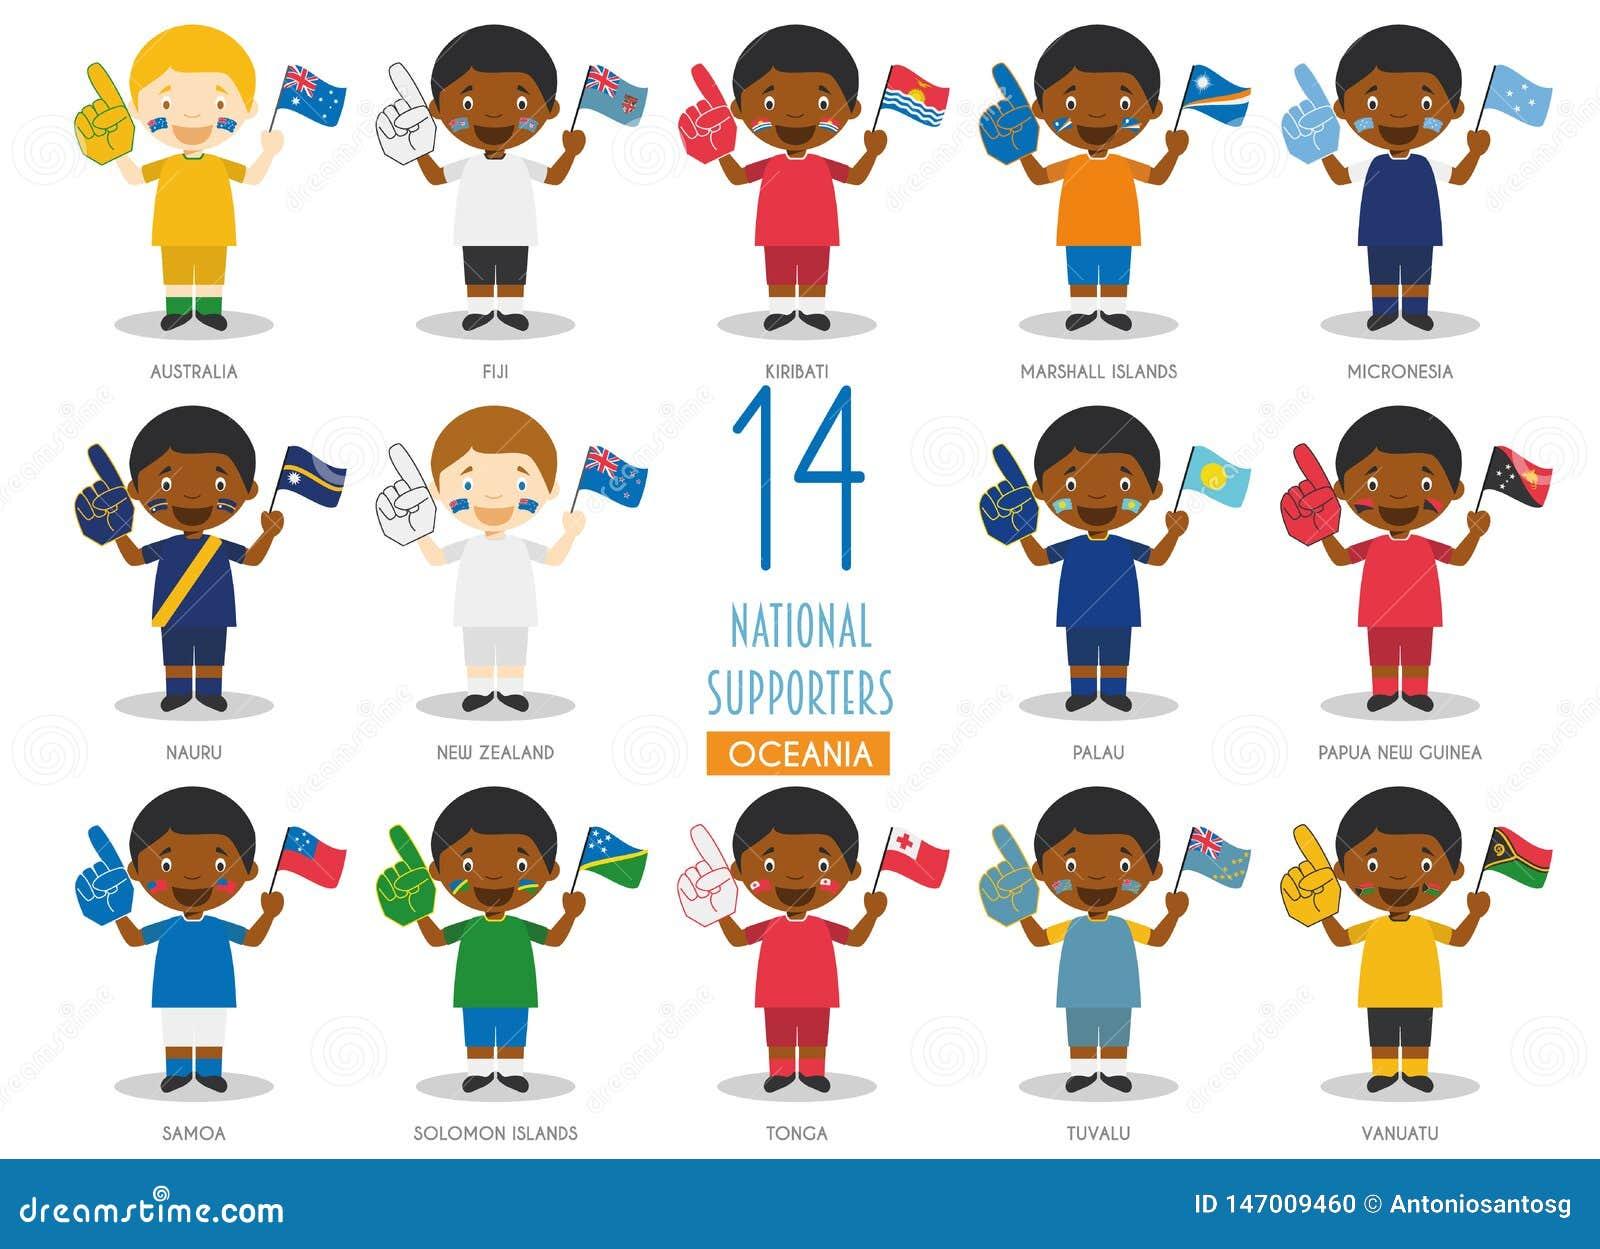 Σύνολο 14 εθνικών ανεμιστήρων αθλητικών ομάδων από την ωκεάνεια διανυσματική απεικόνιση χωρών